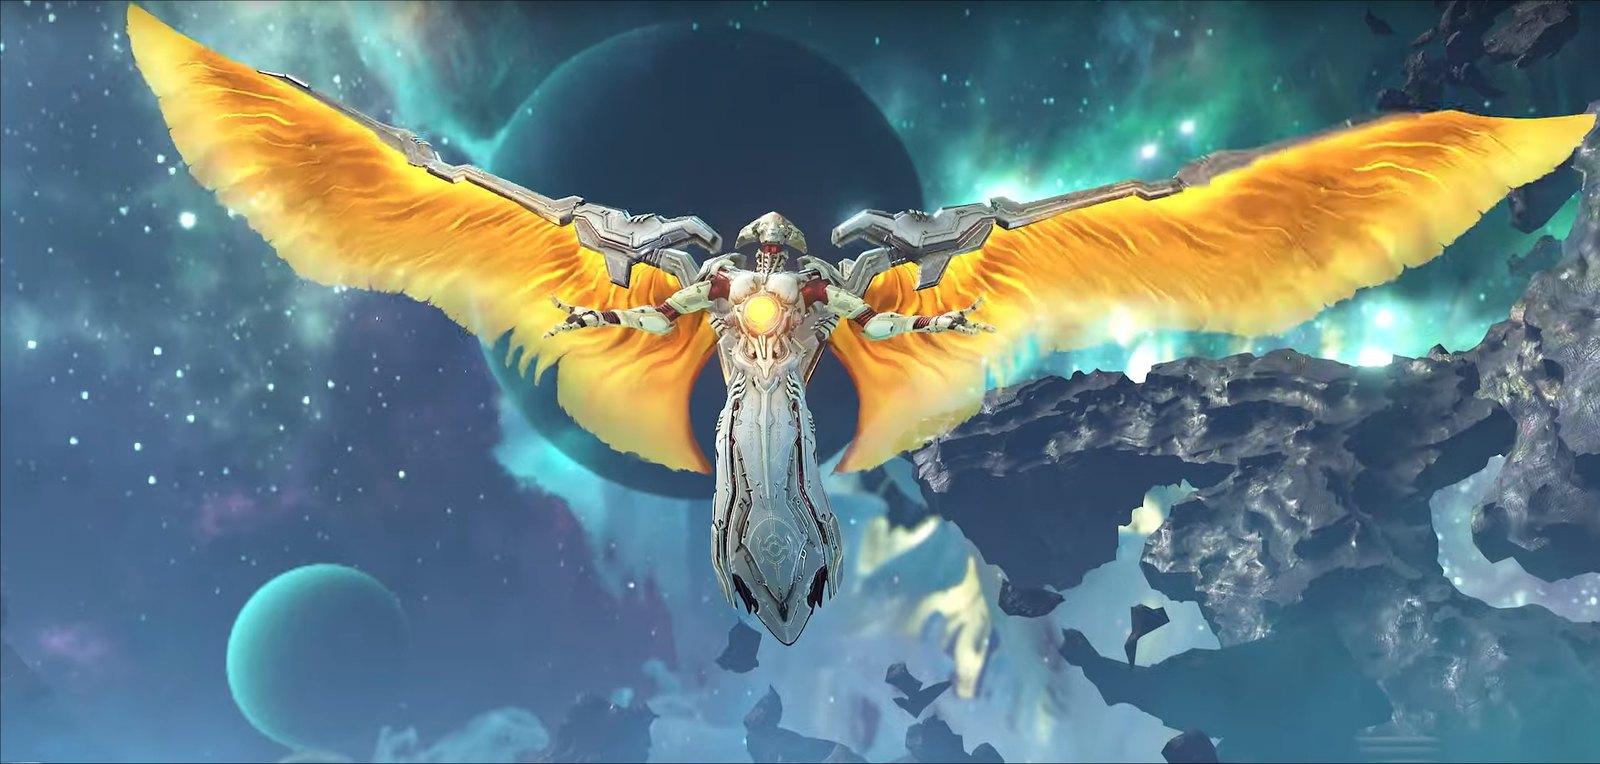 DOOM Eternal - Heaven's Wrath